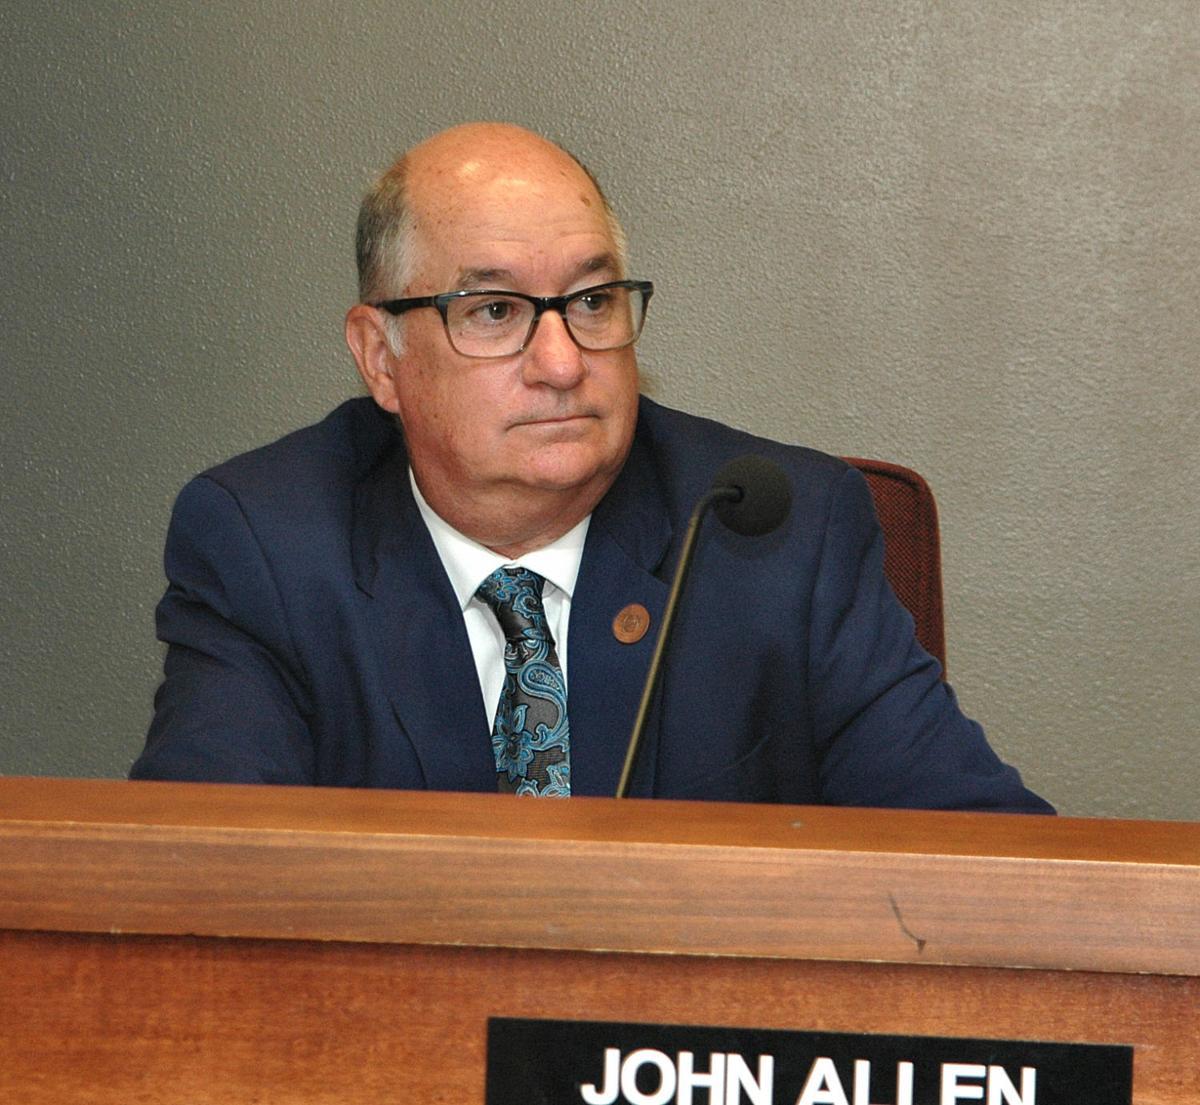 Rep. John Allen